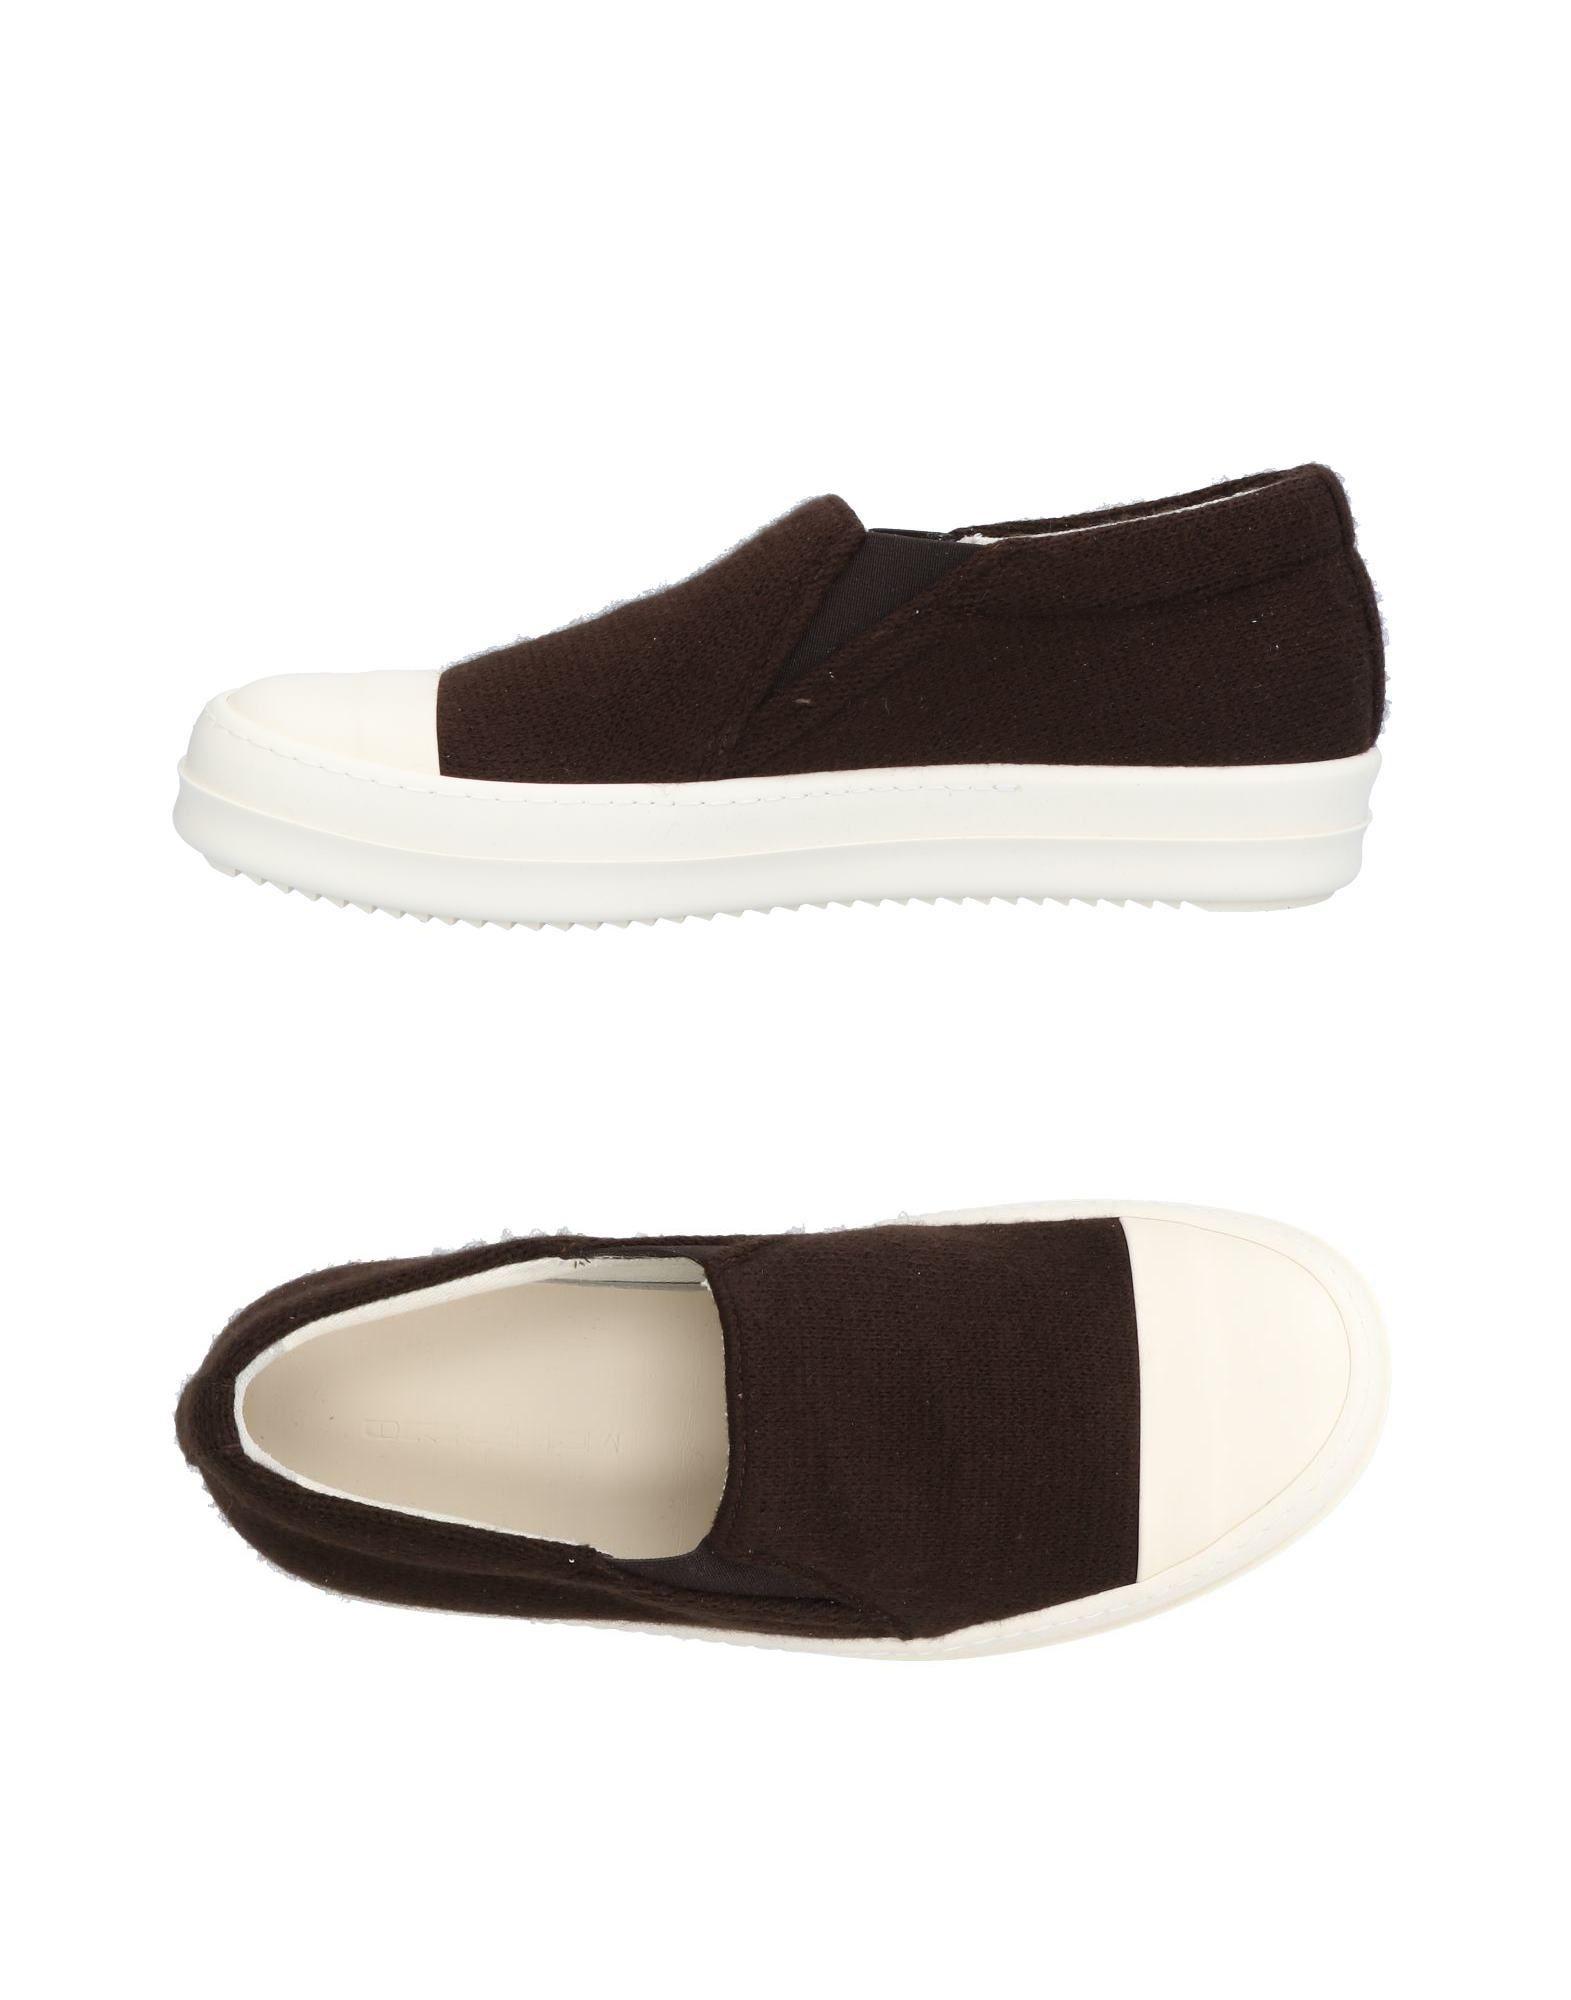 Drkshdw By Rick Owens Sneakers Herren  11488859KH Gute Qualität beliebte Schuhe